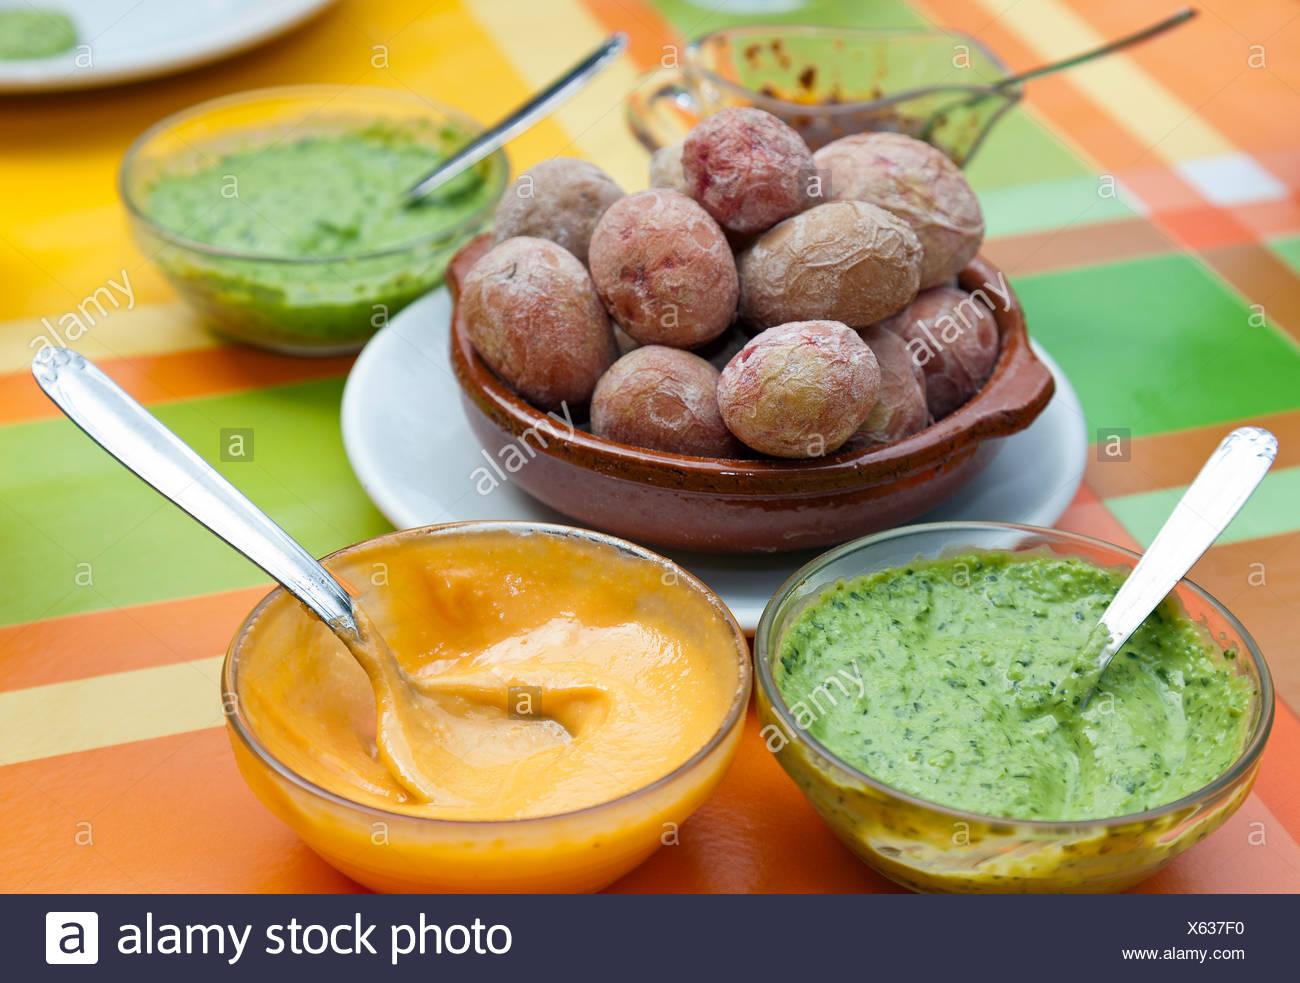 Les pommes de terre avec la sauce mojo, plat typique des Canaries, Tenerife, Canaries, Espagne, Europe Photo Stock